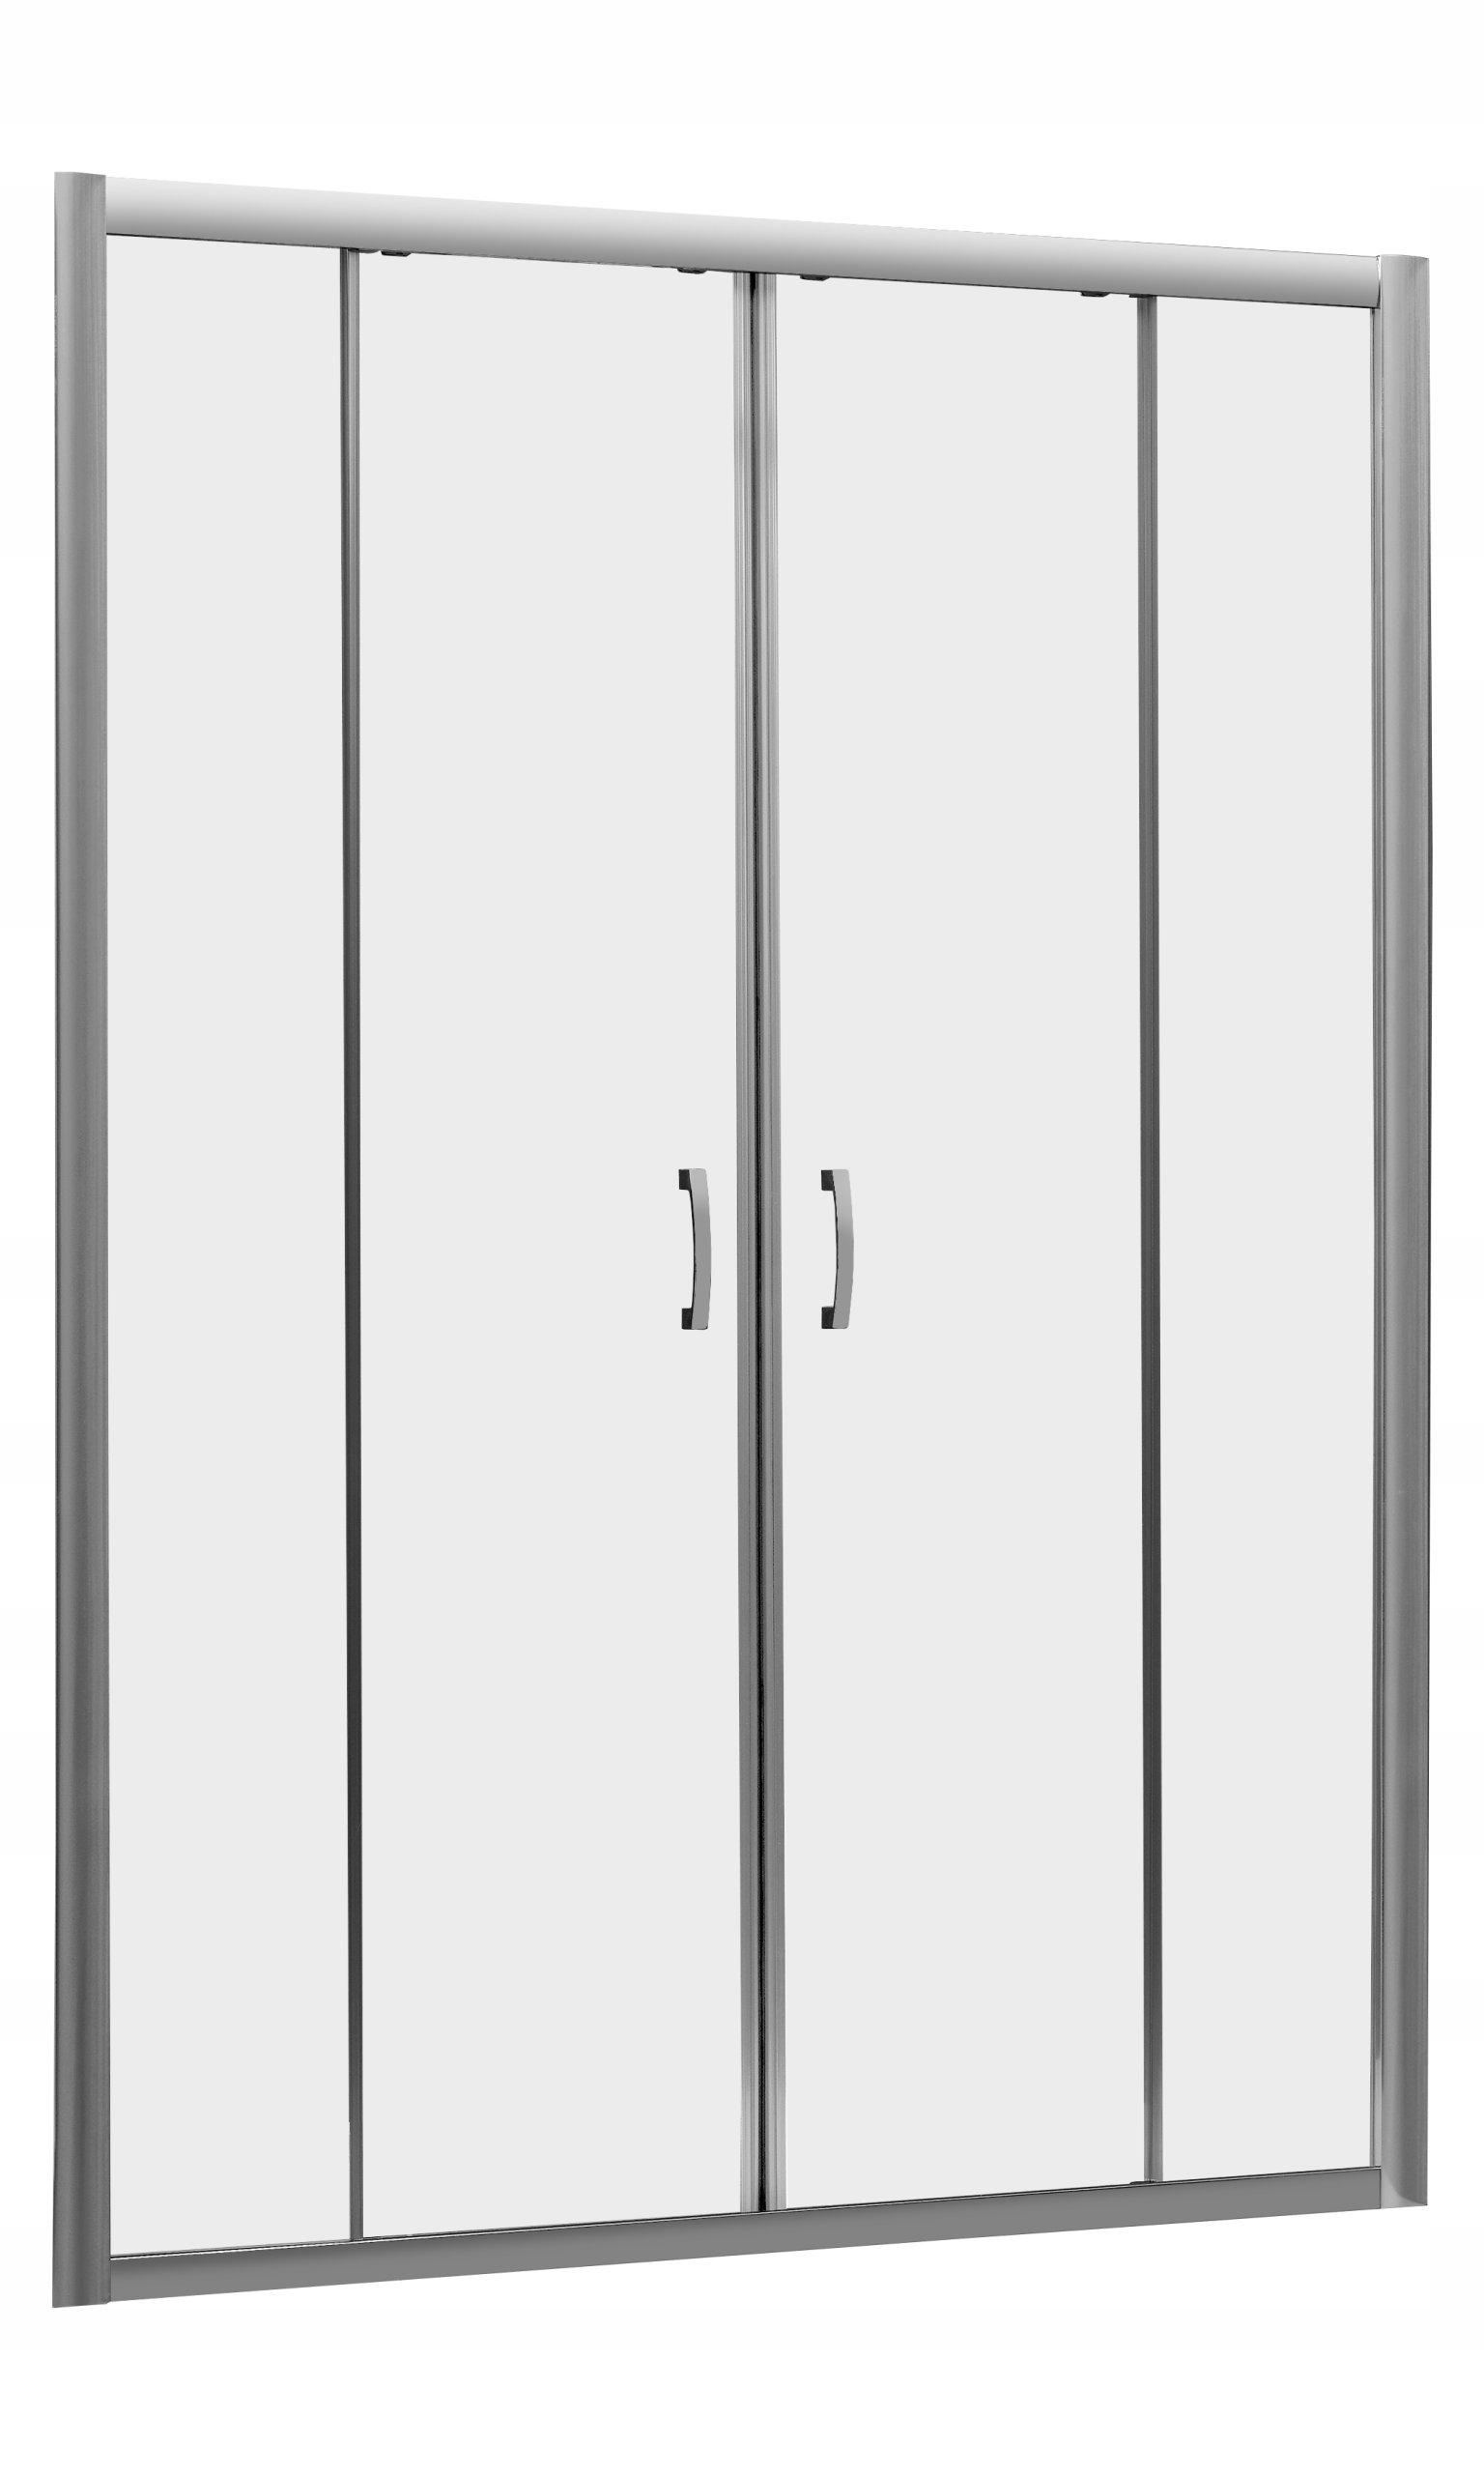 Priehľadné dvere Premium Plus DWD 140x190 cm RADAWAY